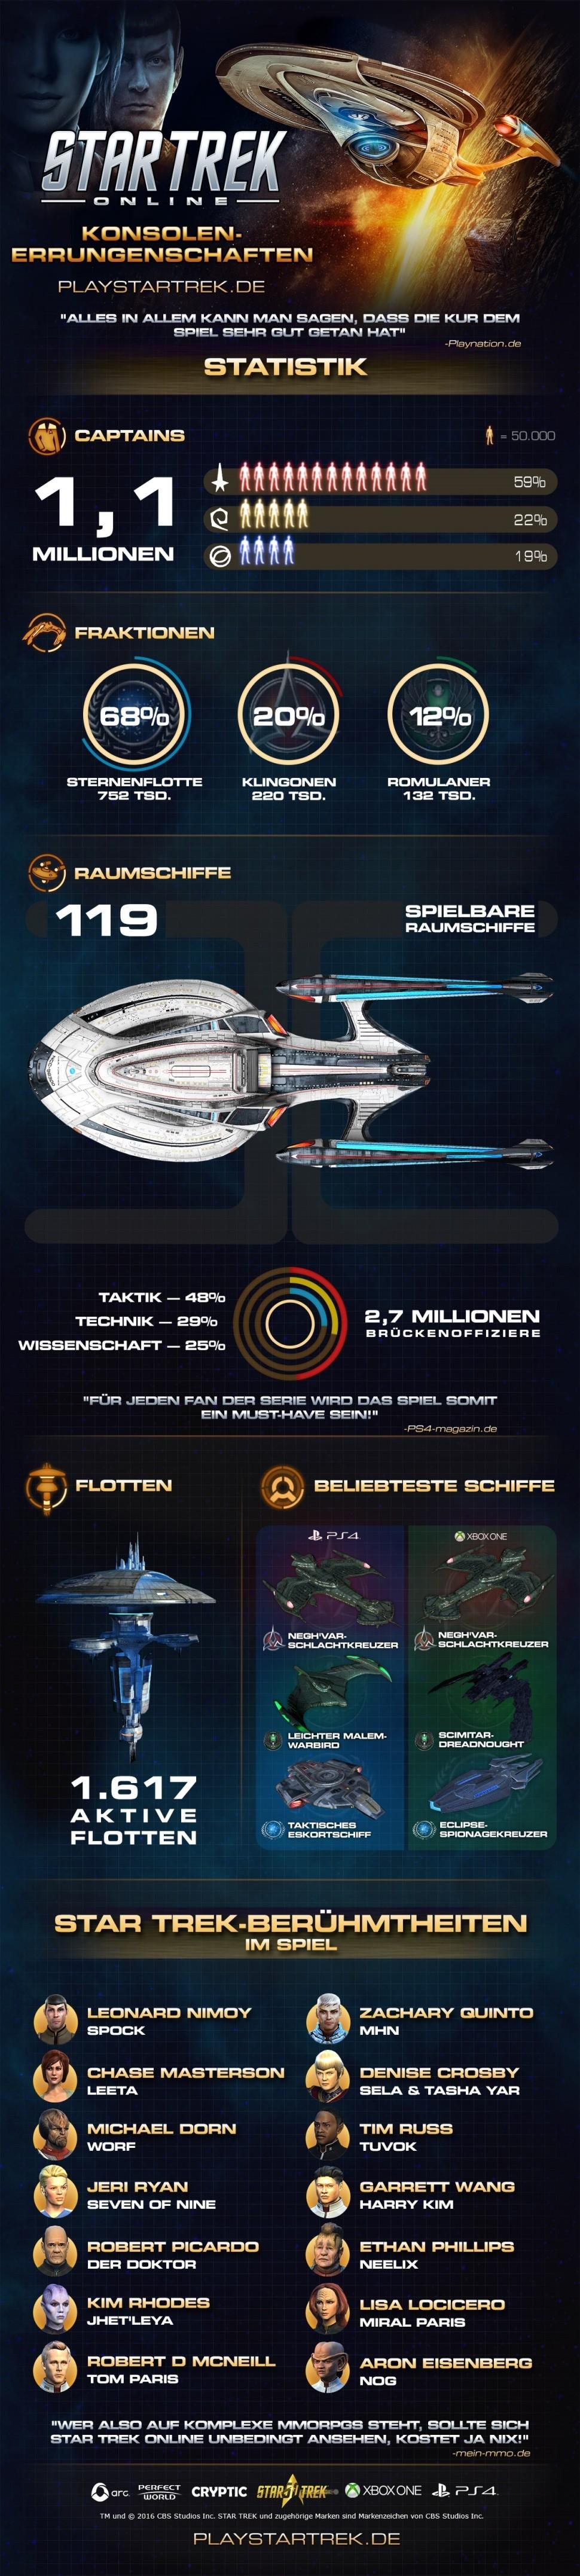 star-trek-online-konsole-infografik